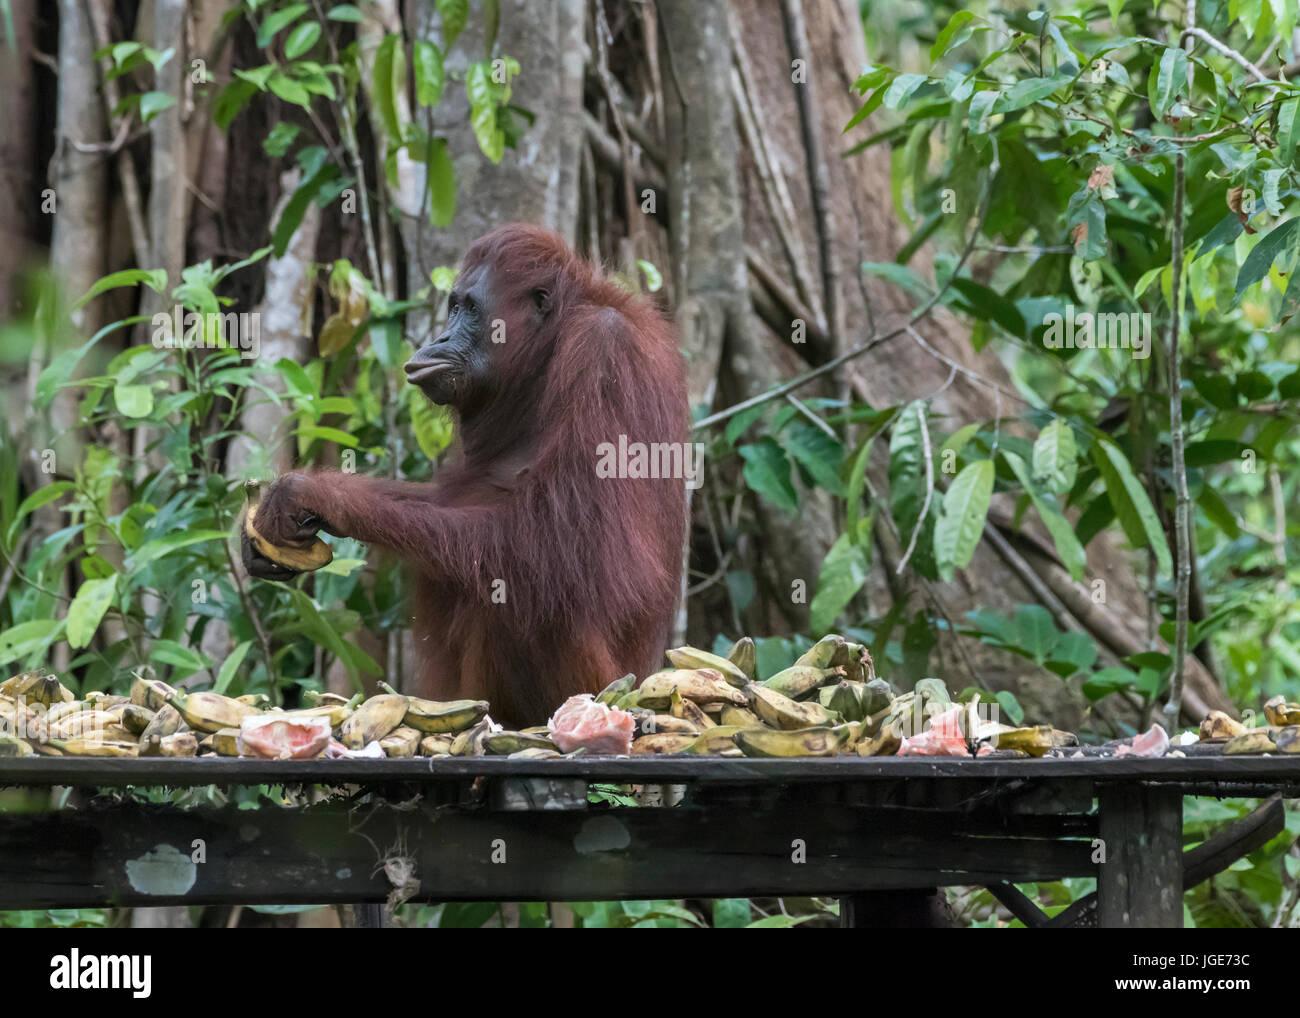 Orangután adolescente en una estación de alimentación Tanjung Putting, NP, Indonesia Imagen De Stock